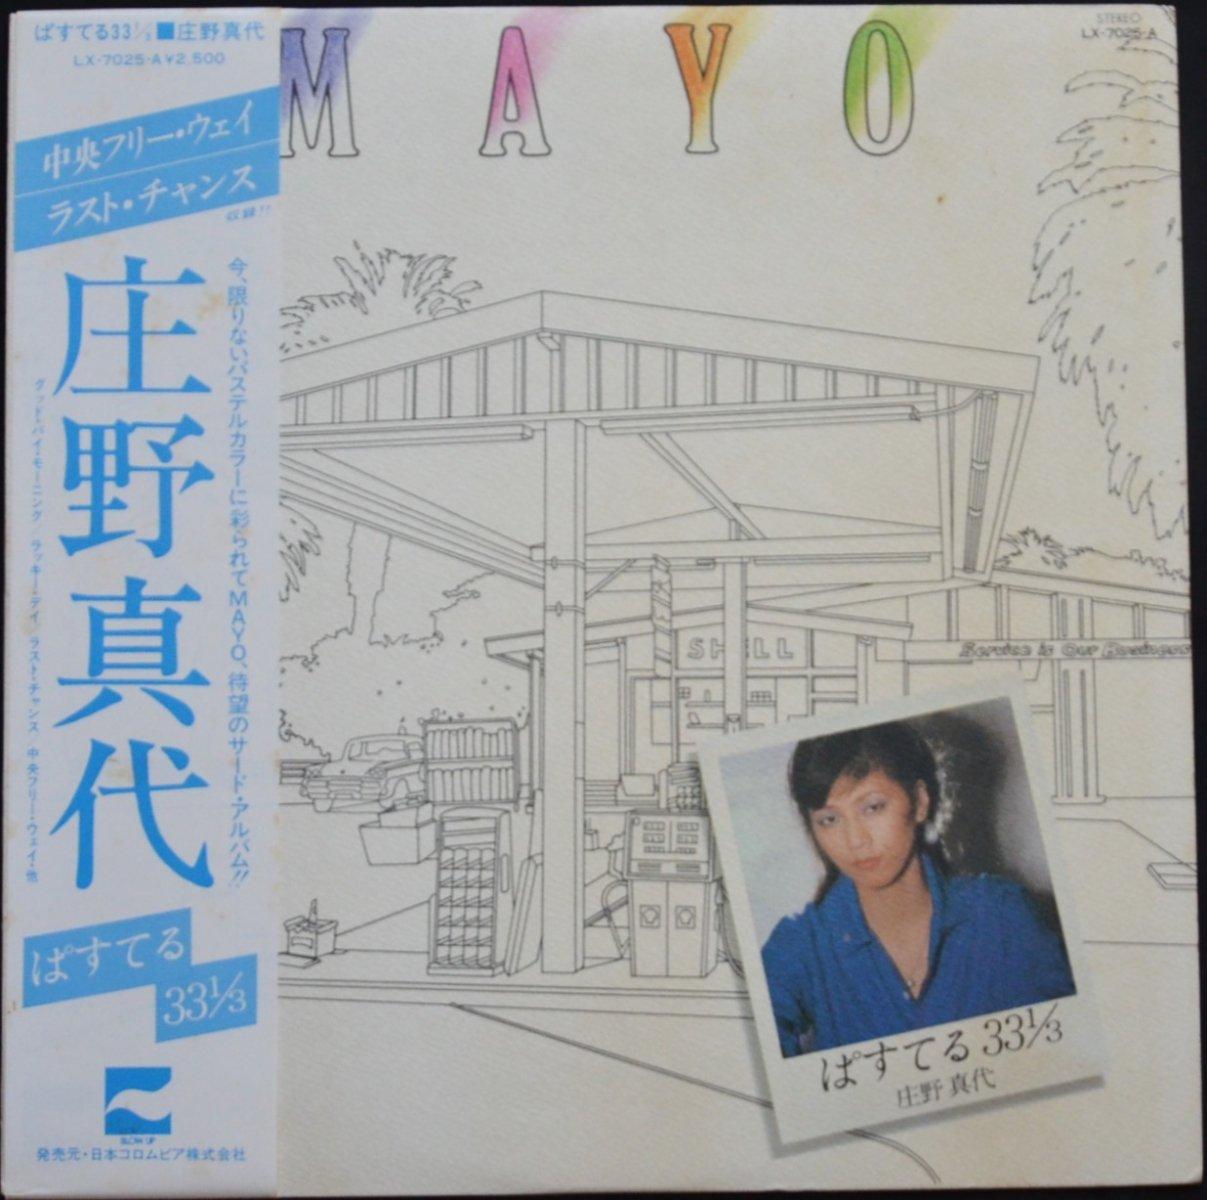 庄野真代 MAYO SHONO / ぱすてる 33 1/3 (LP)